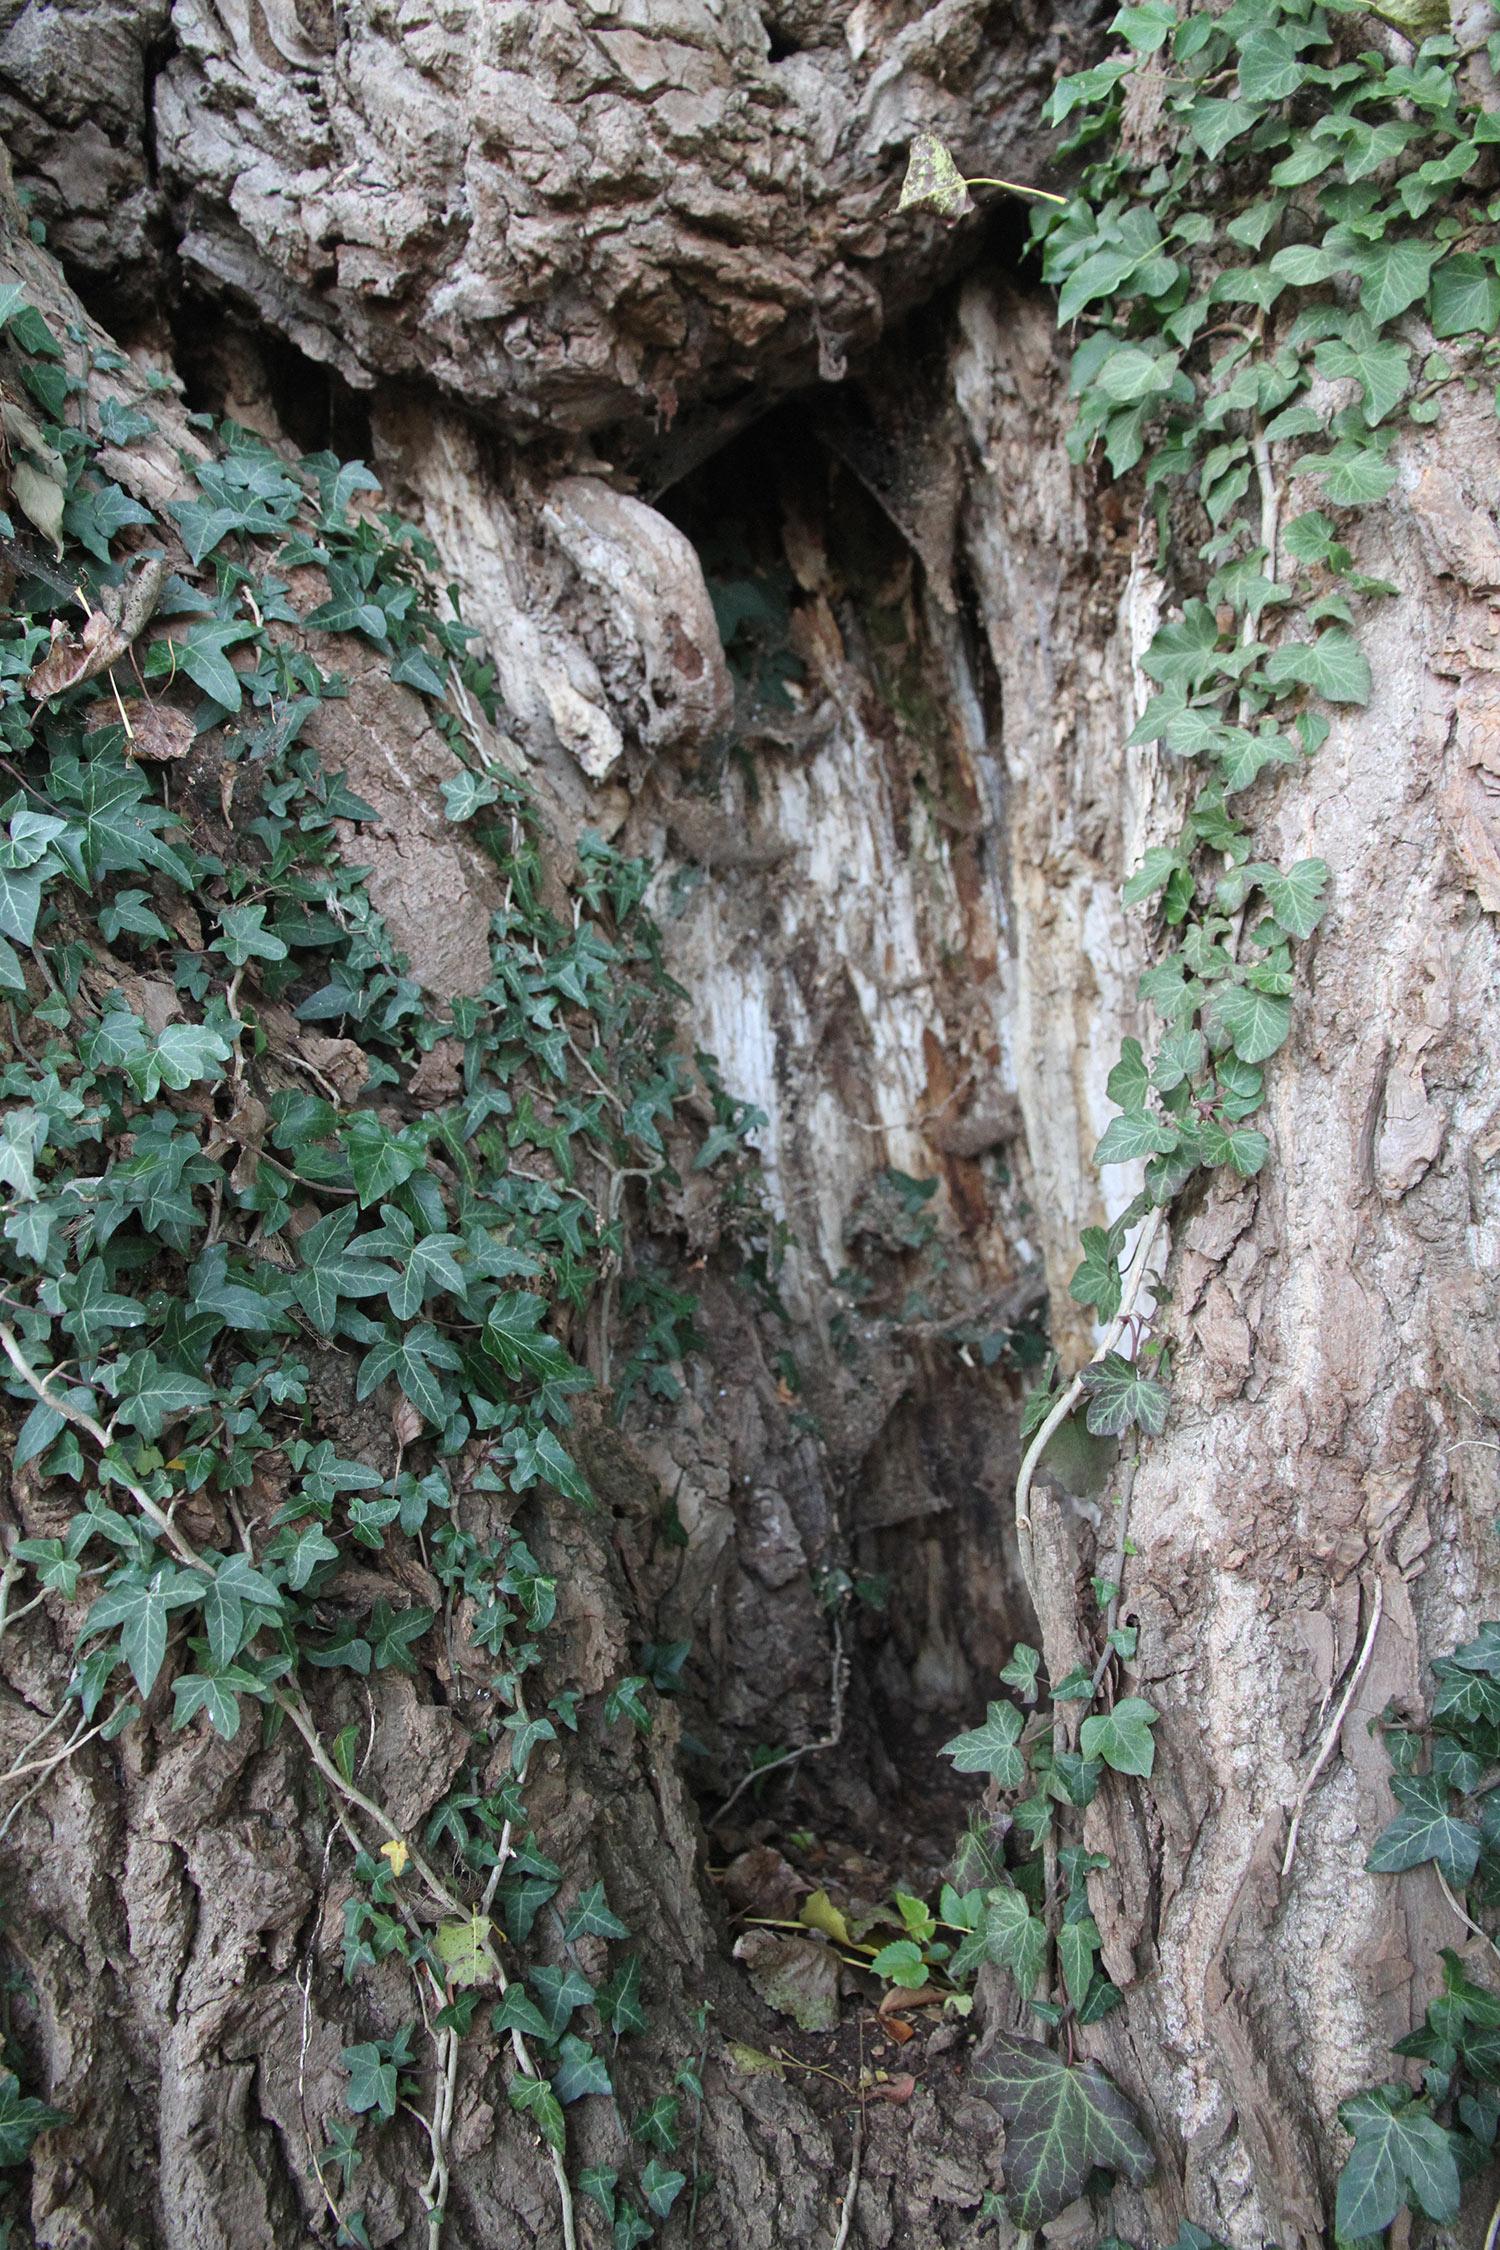 Det gamle træ er helt hul indeni.